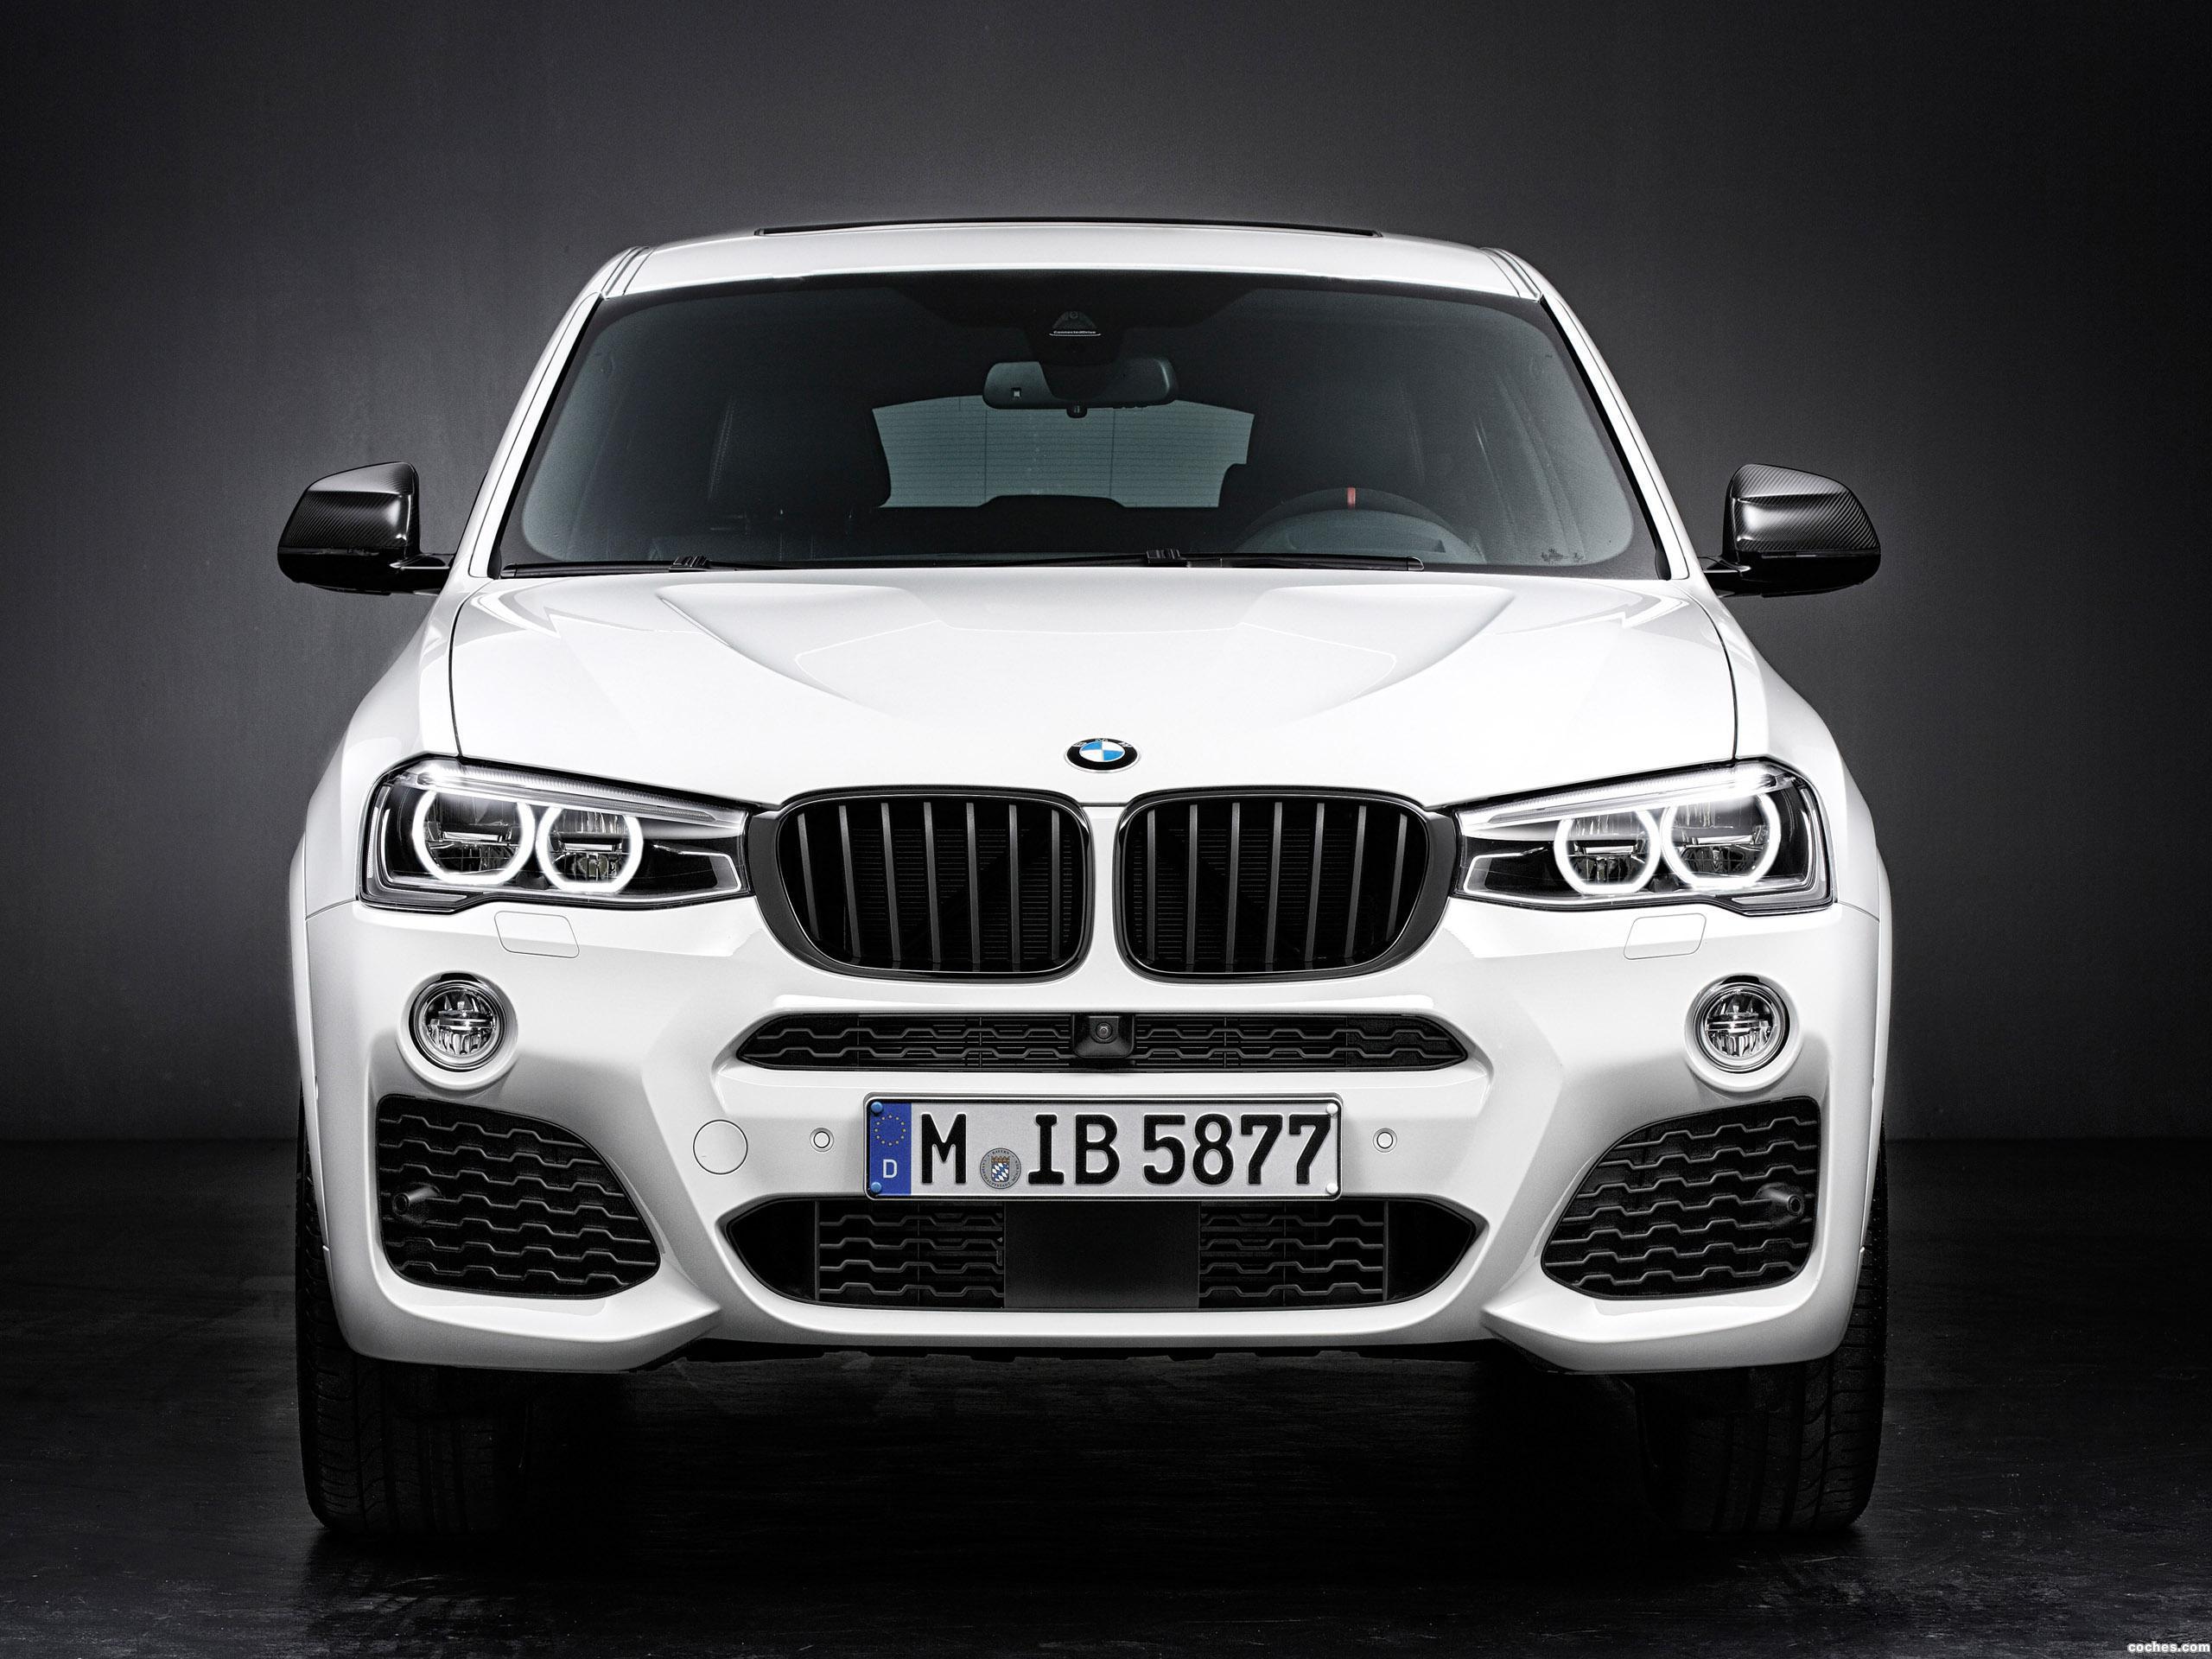 Foto 0 de BMW X4 xDrive28i M Performance Accessories F26 2014